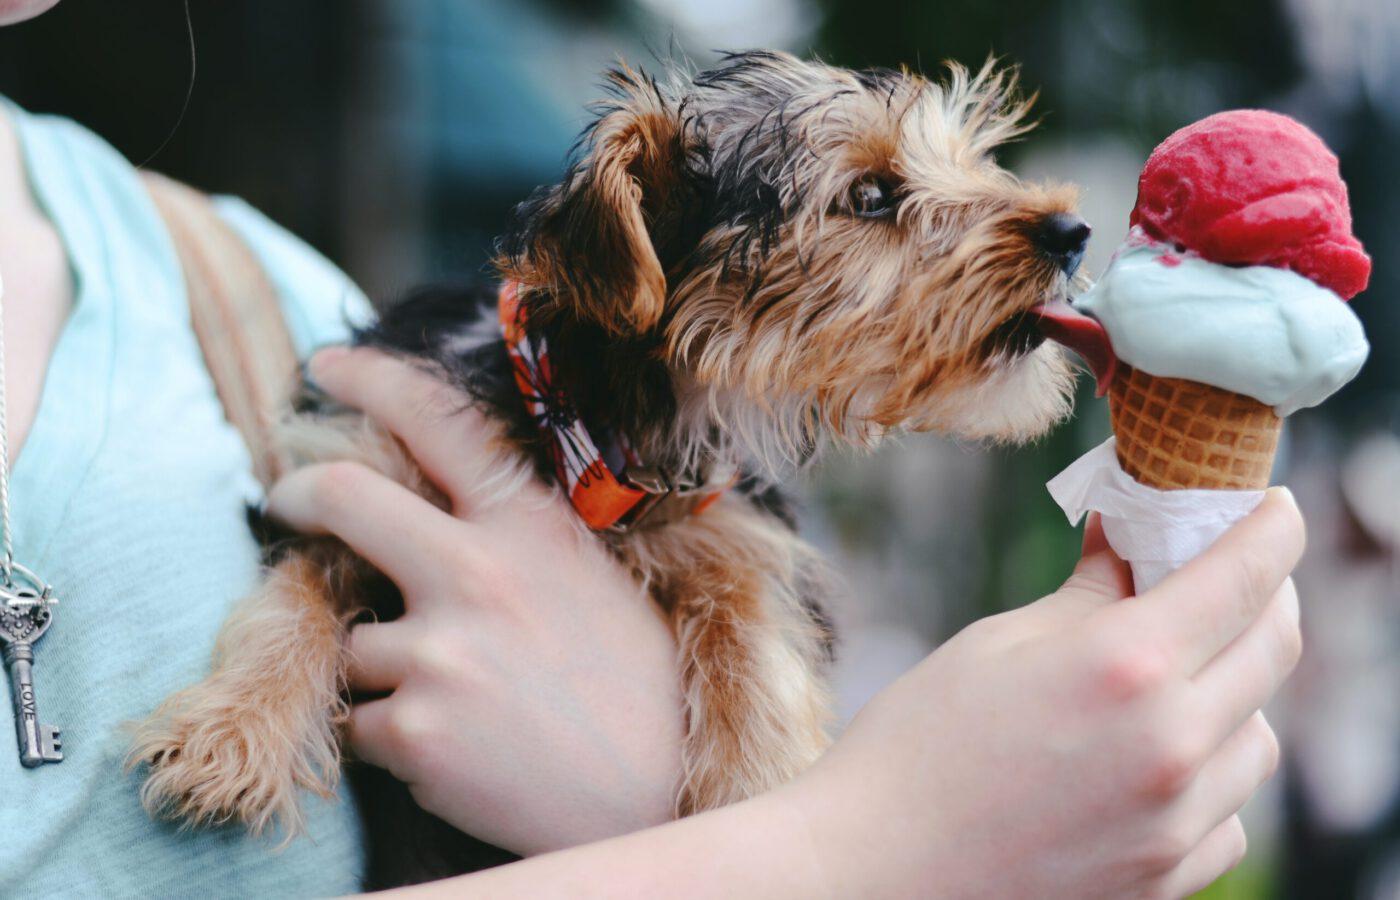 Kuvassa pieni koira on ihmisen sylissä ja nuolee ihmisen kädessä olevaa jäätelötötteröä.